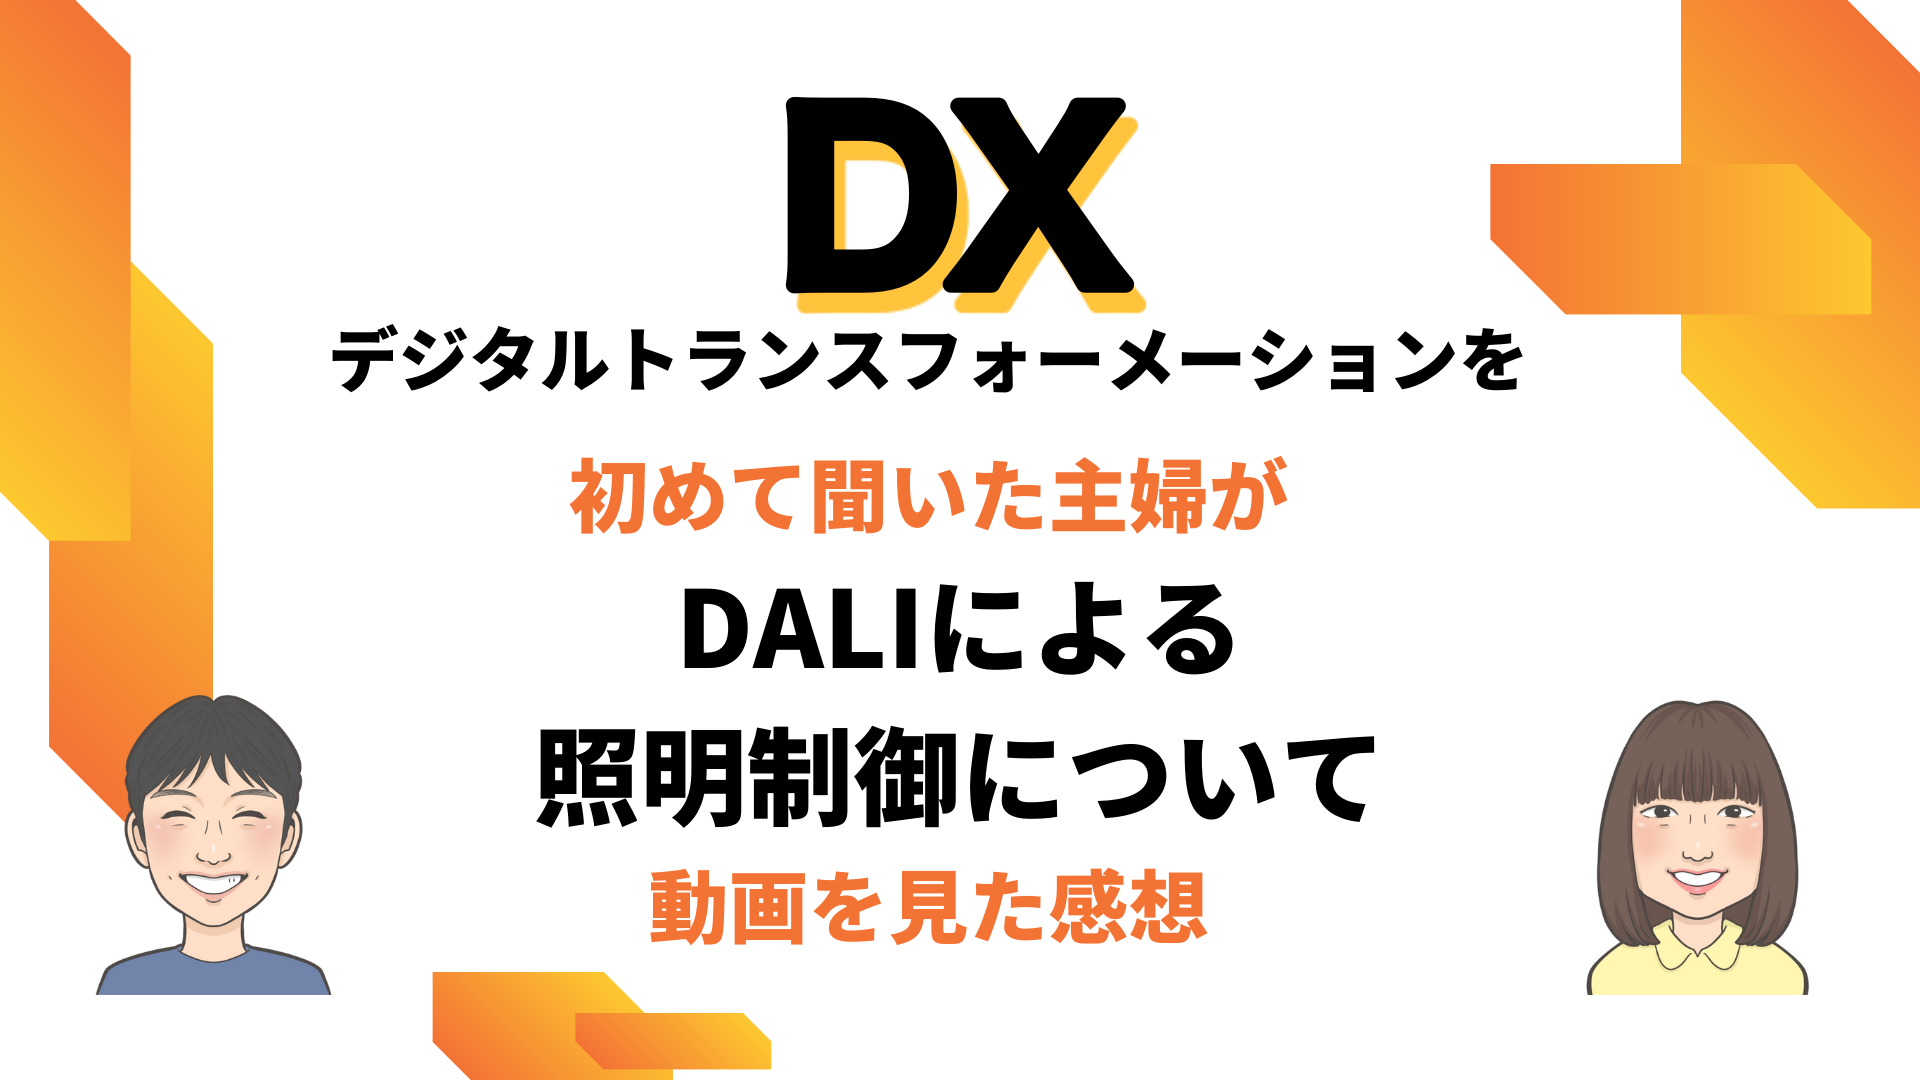 DX(デジタルトランスフォーメーション)を初めて聞いた主婦が「DALIによる照明制御について」動画を見た感想